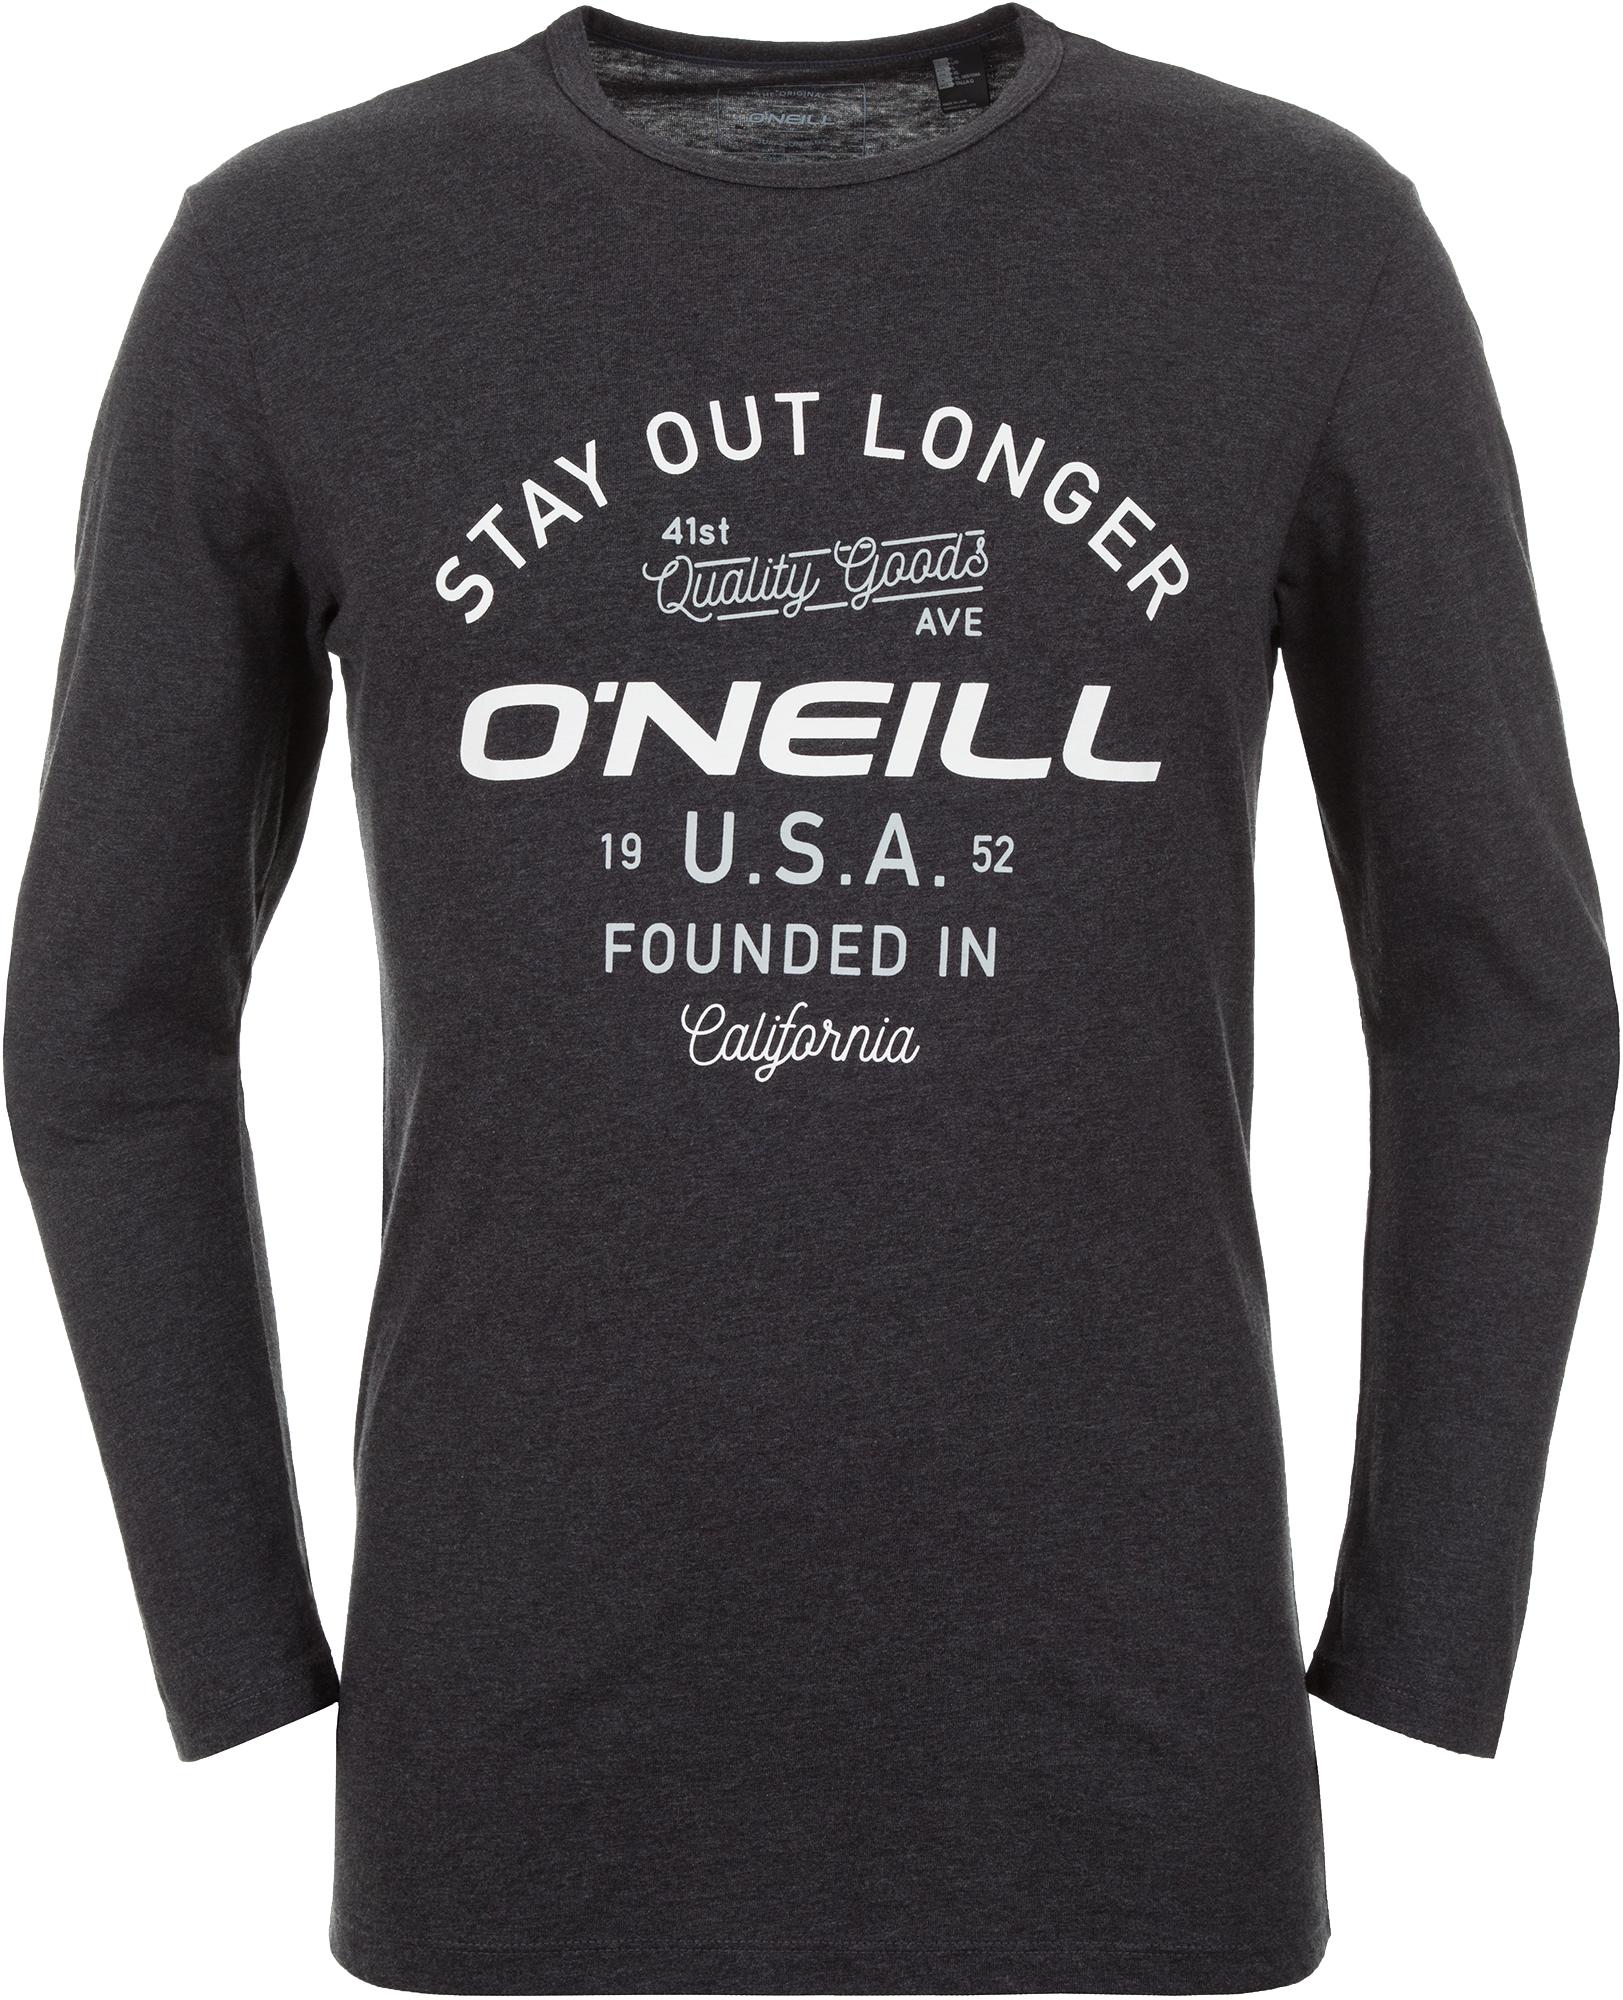 O'Neill Футболка с длинным рукавом мужская O'Neill Type Artwork Ls, размер 52-54